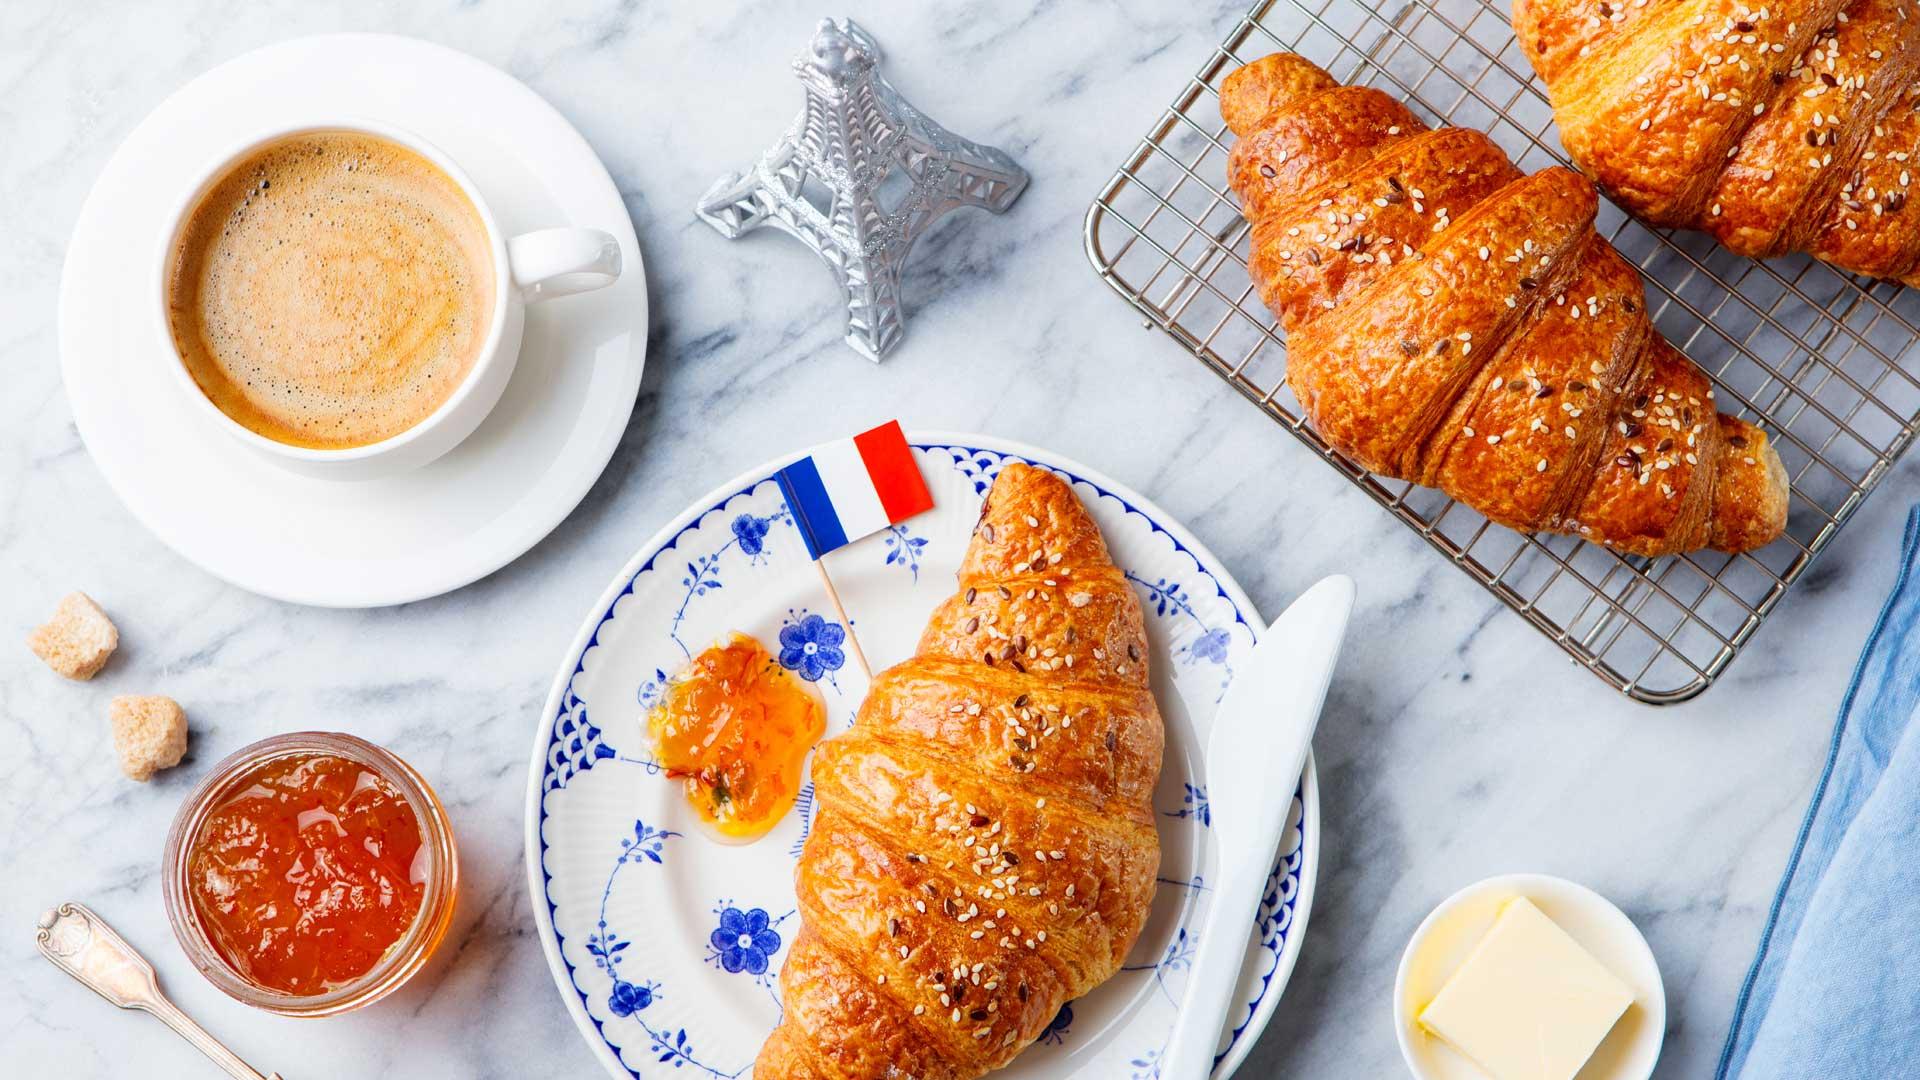 Djon'dan Toulouse'a Fransa'nın Mutfağıyla Ünlü Şehirleri